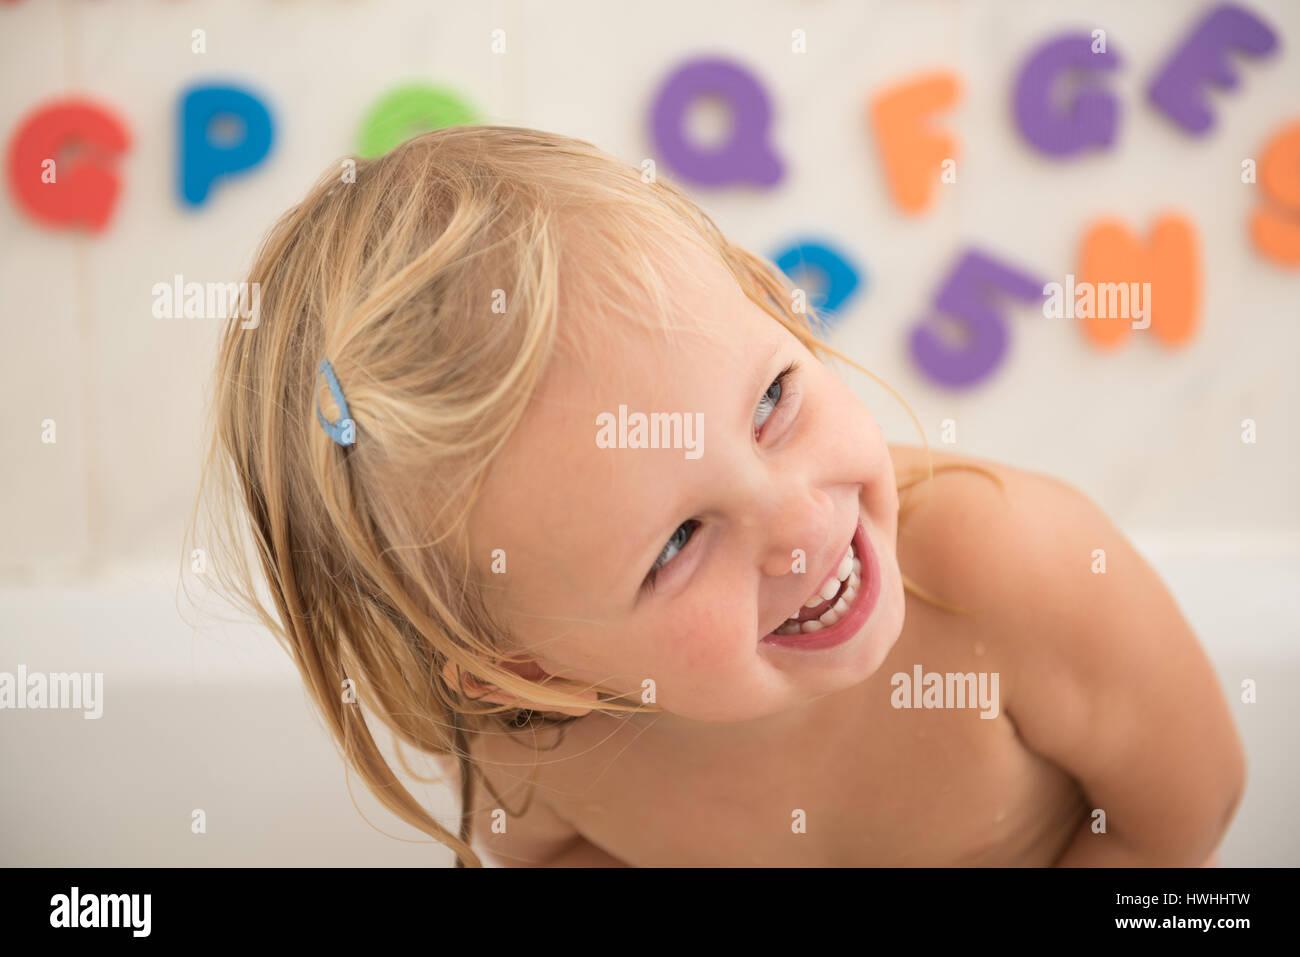 Lächelndes Mädchen im Badezimmer mit bunten Schaum ...